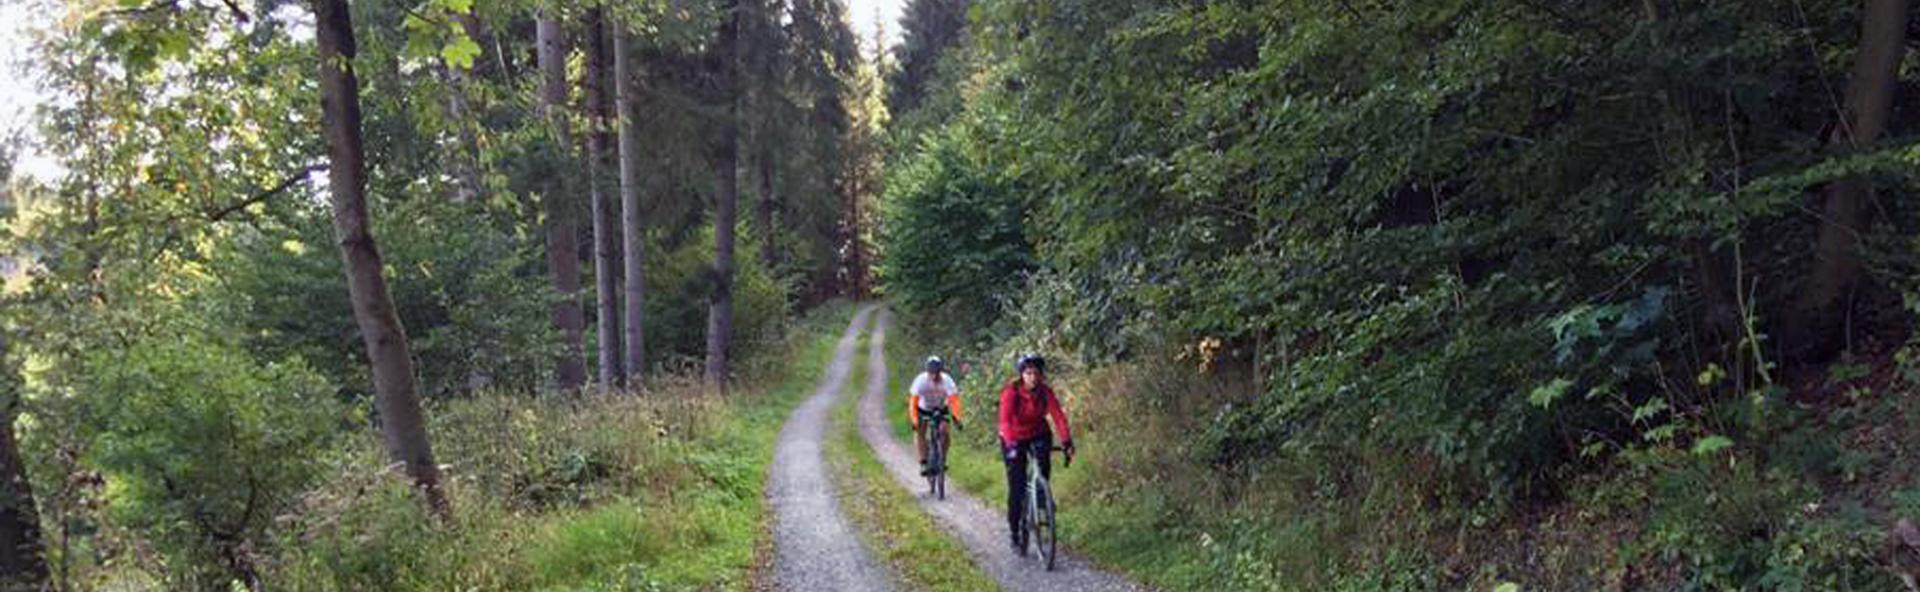 Mountainbike Touren Level 1